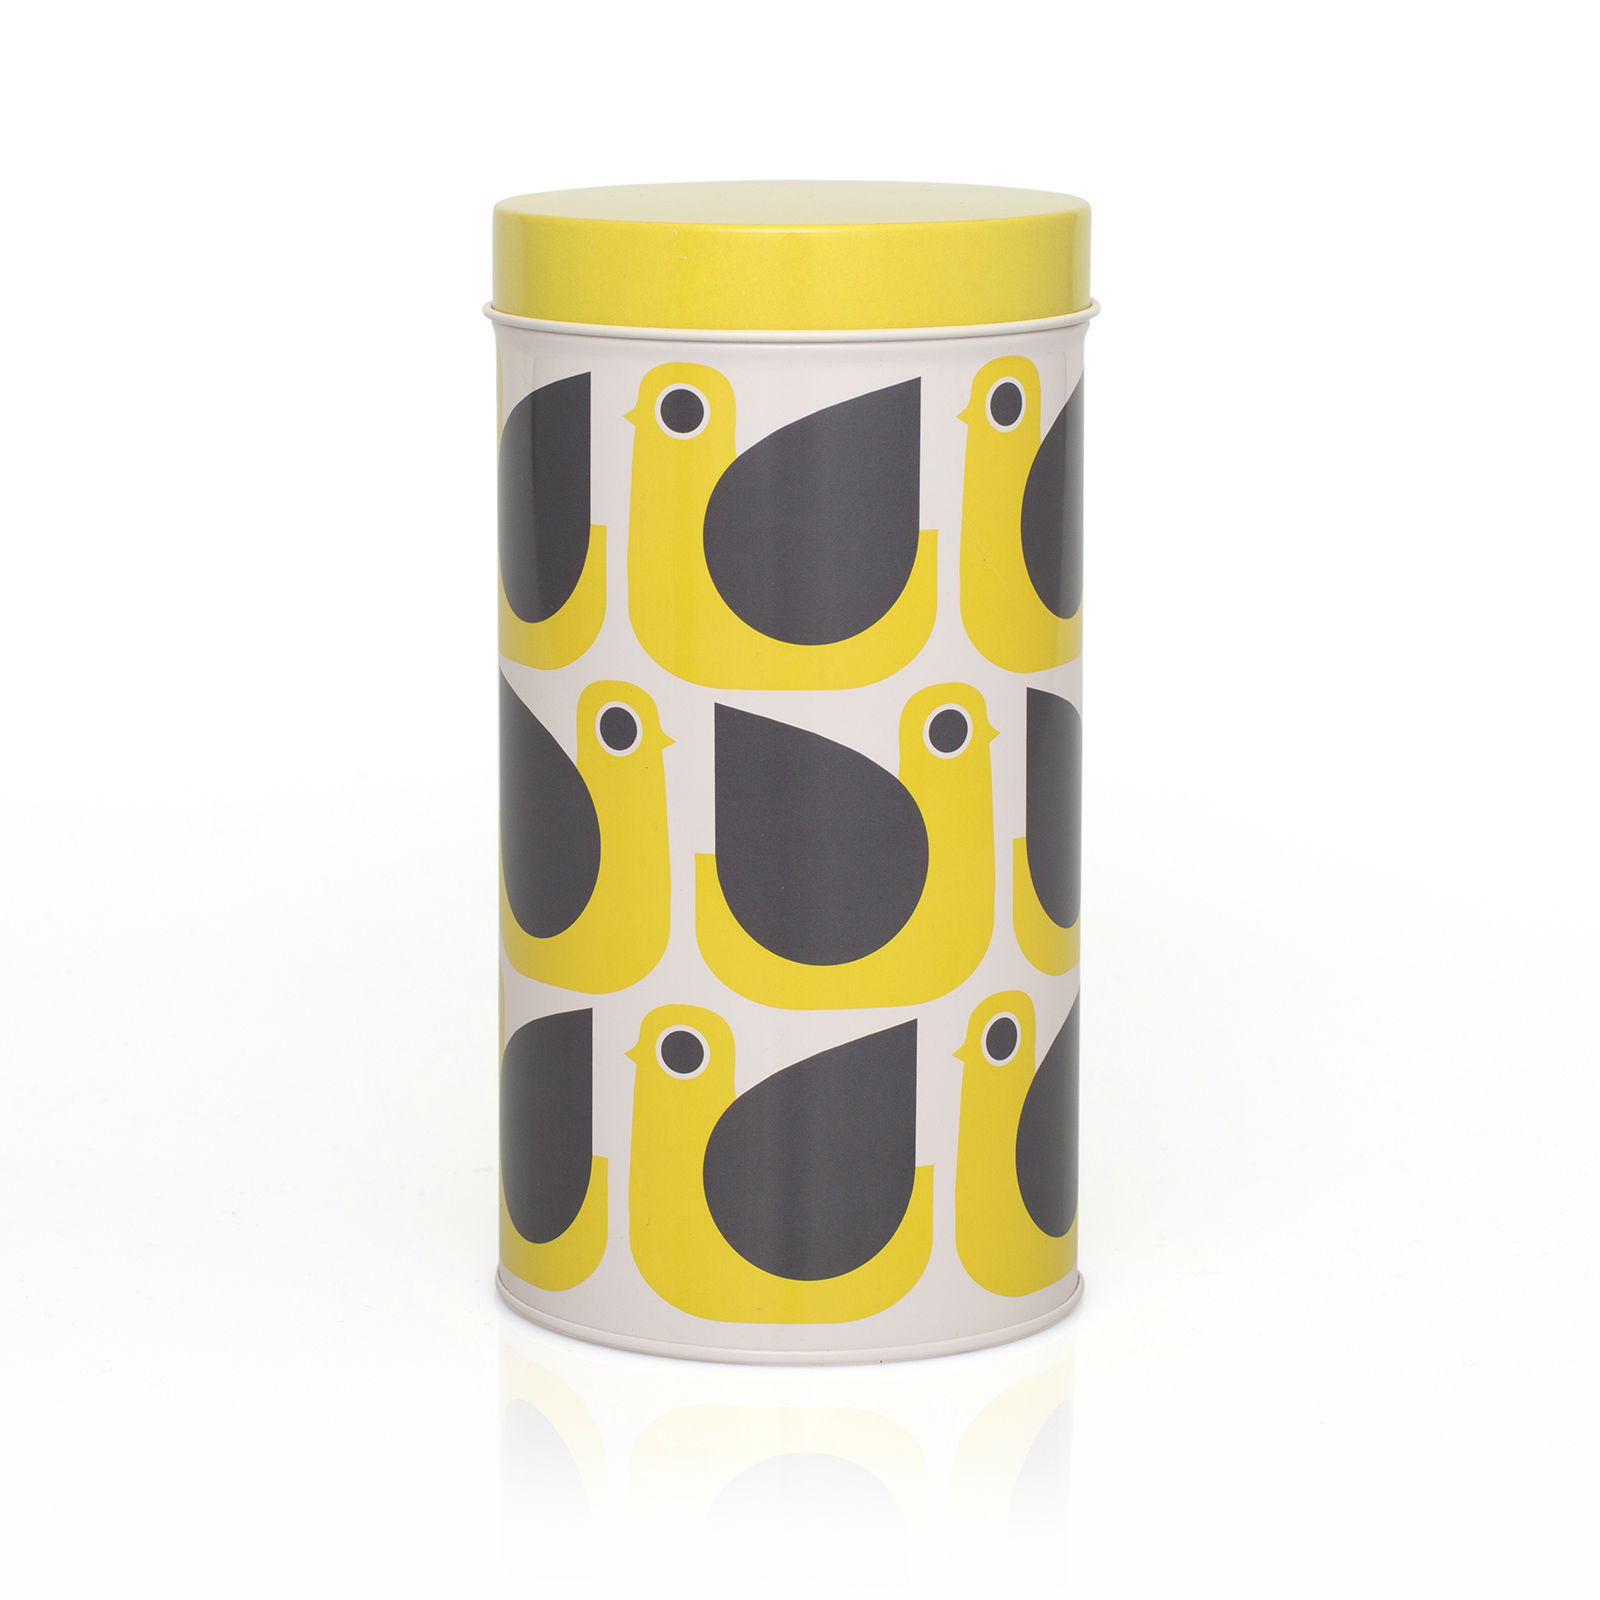 Boites-bocaus-design-Orla-Kiely-015